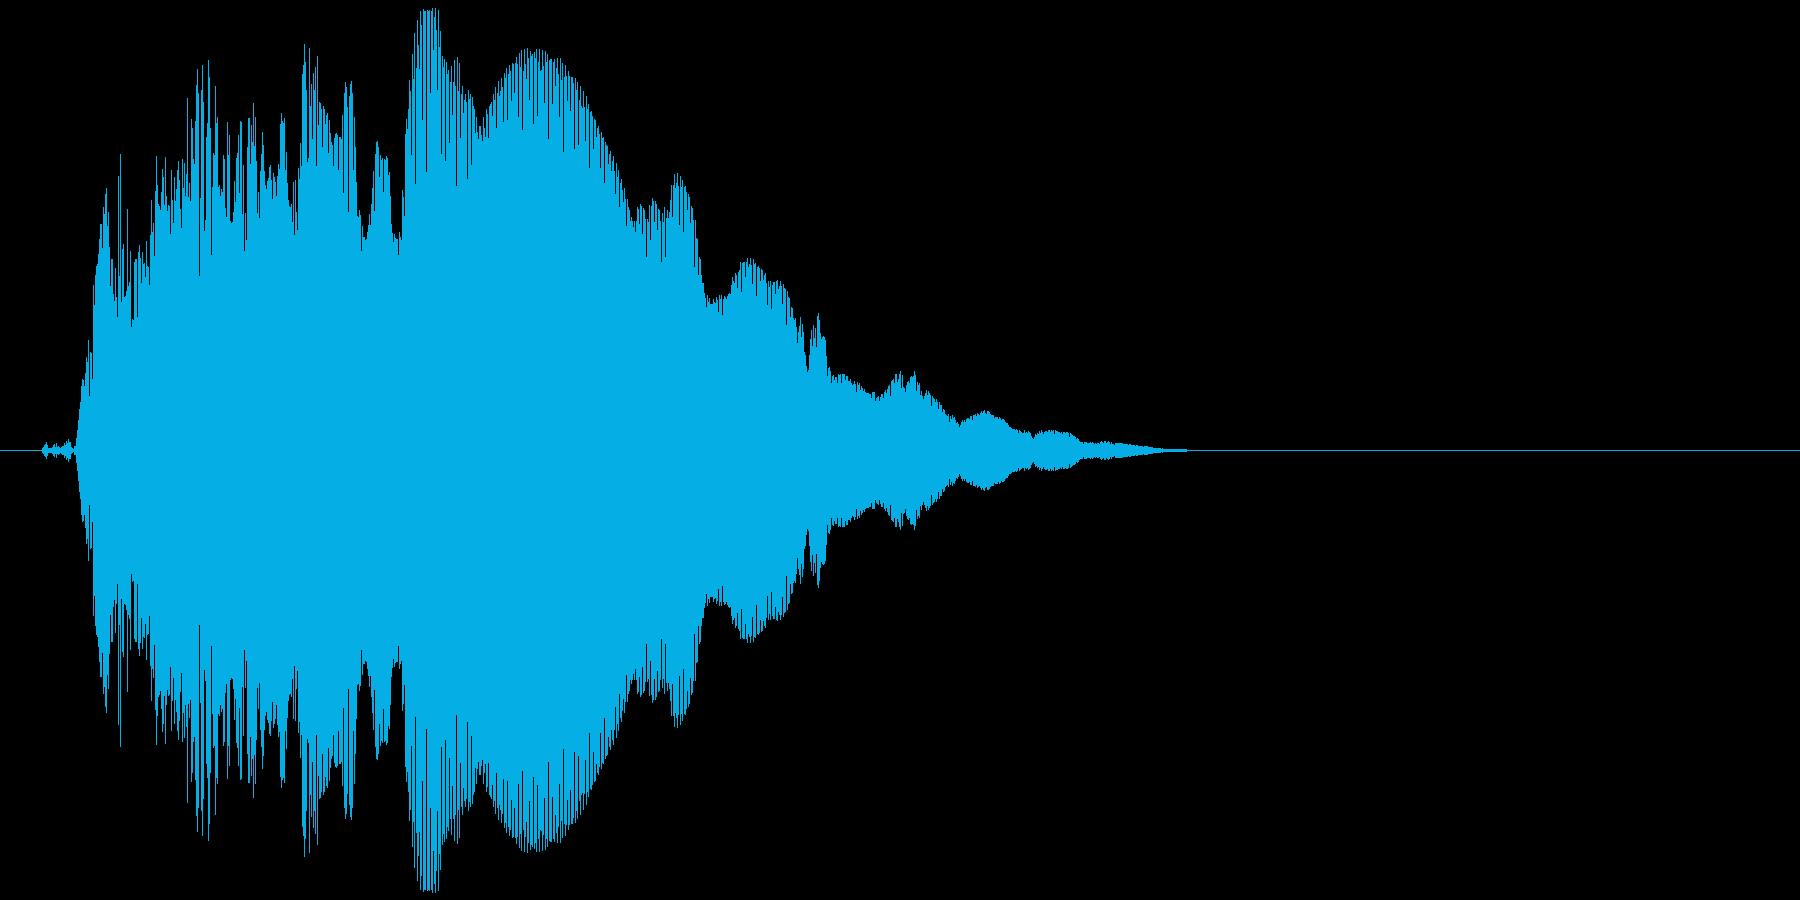 キュピーン(ロボット、起動、光る)の再生済みの波形